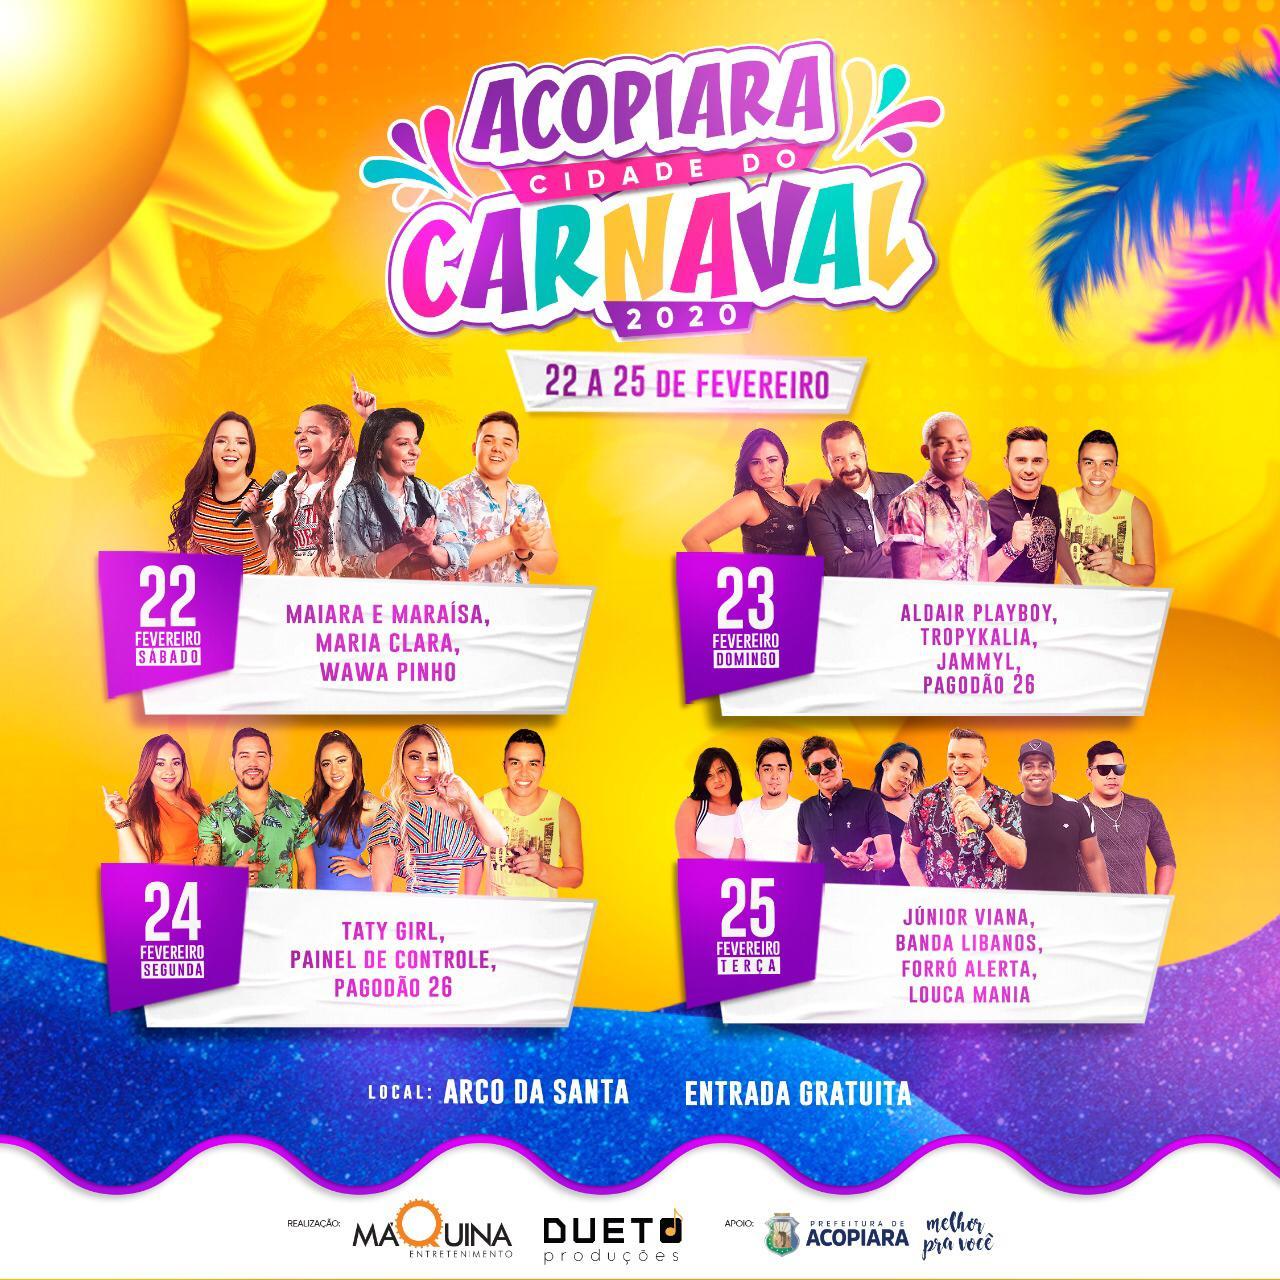 Carnaval de Acopiara 2020